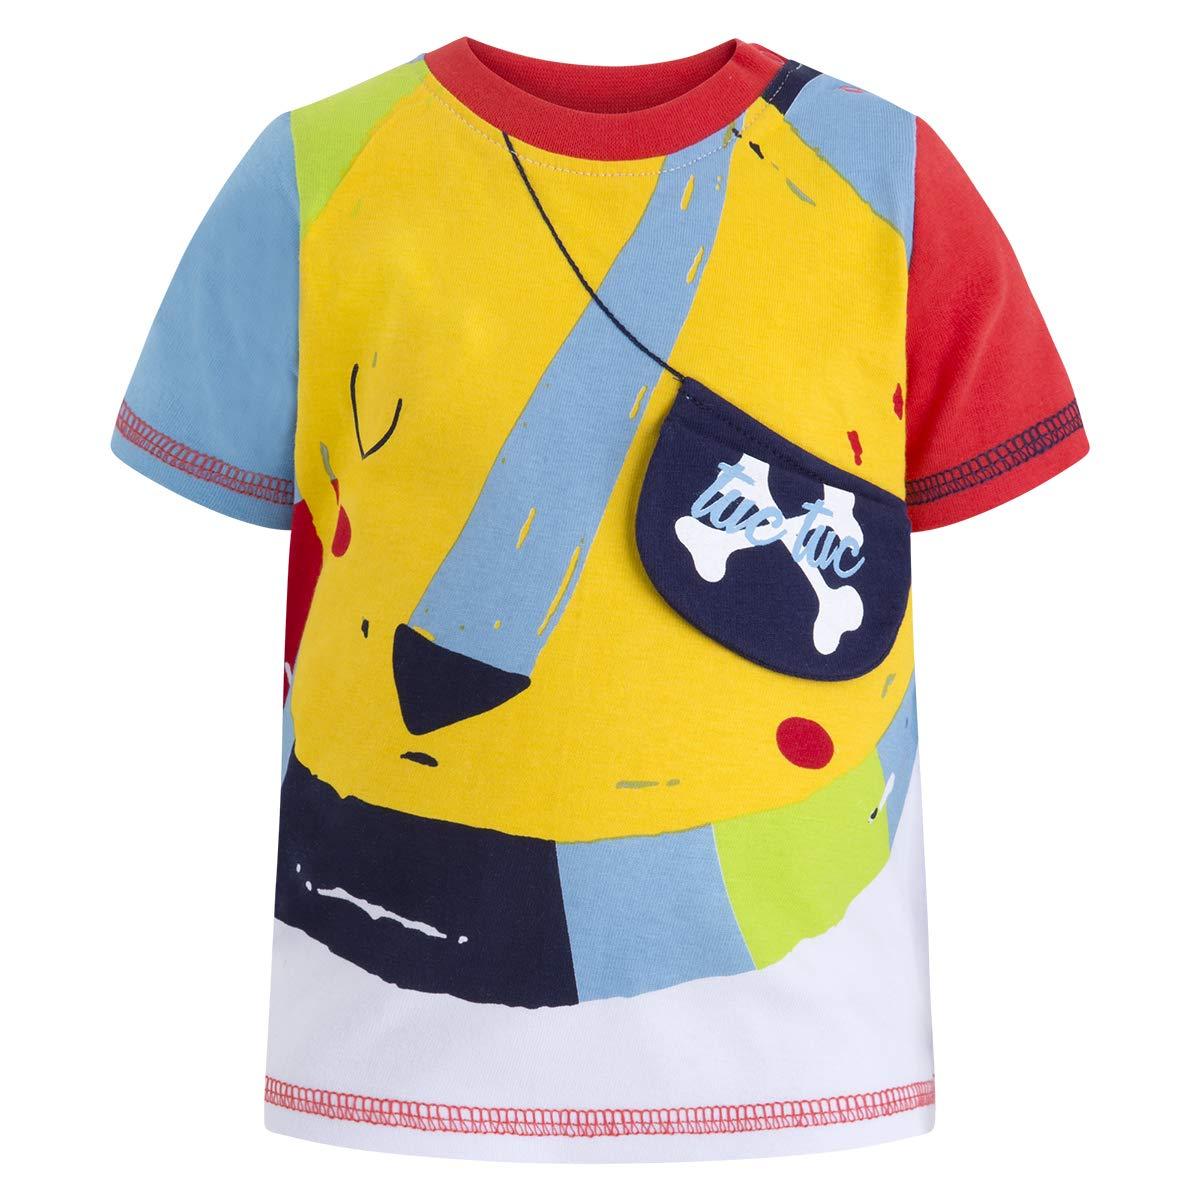 Tuc Tuc Camiseta Punto Detalles Niño Pirates, T- T-Shirt Bébé garçon T- T-Shirt Bébé garçon 49568